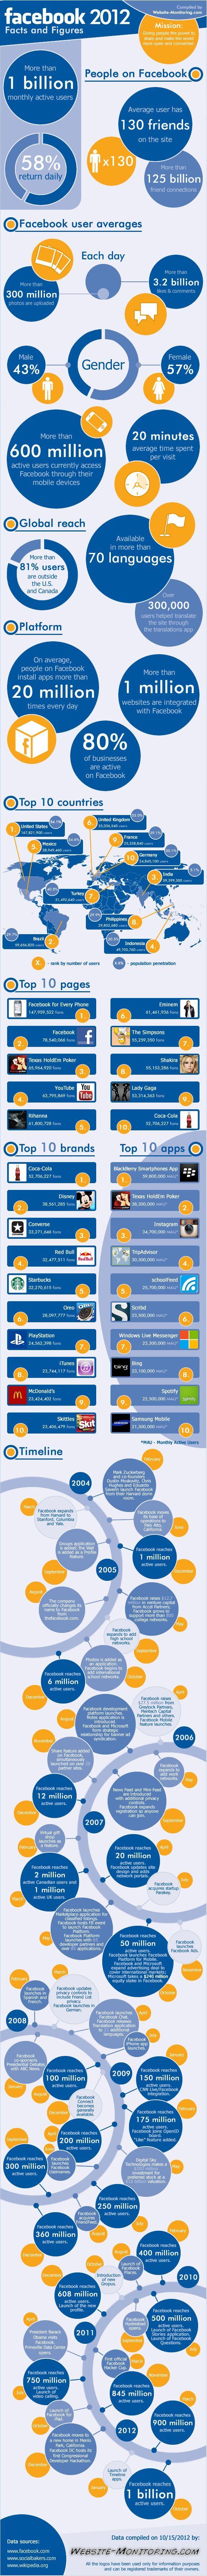 Facebook en cifras 2012